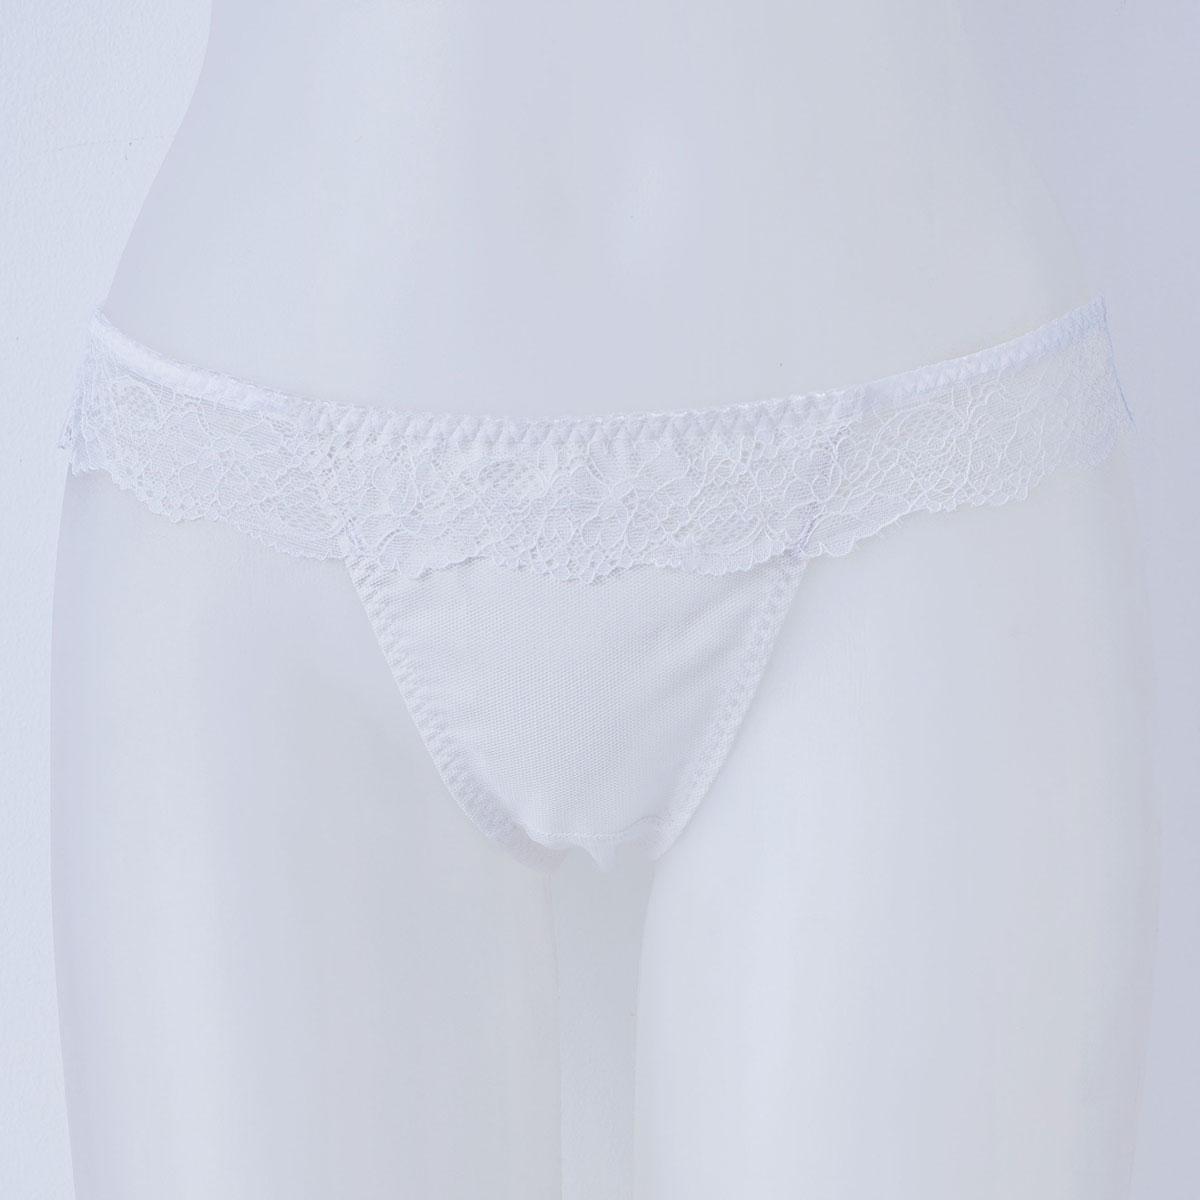 エンジェルレースアップブラ&ショーツ、Tバック (Angel Lace Up Bra&Shorts、T-back)